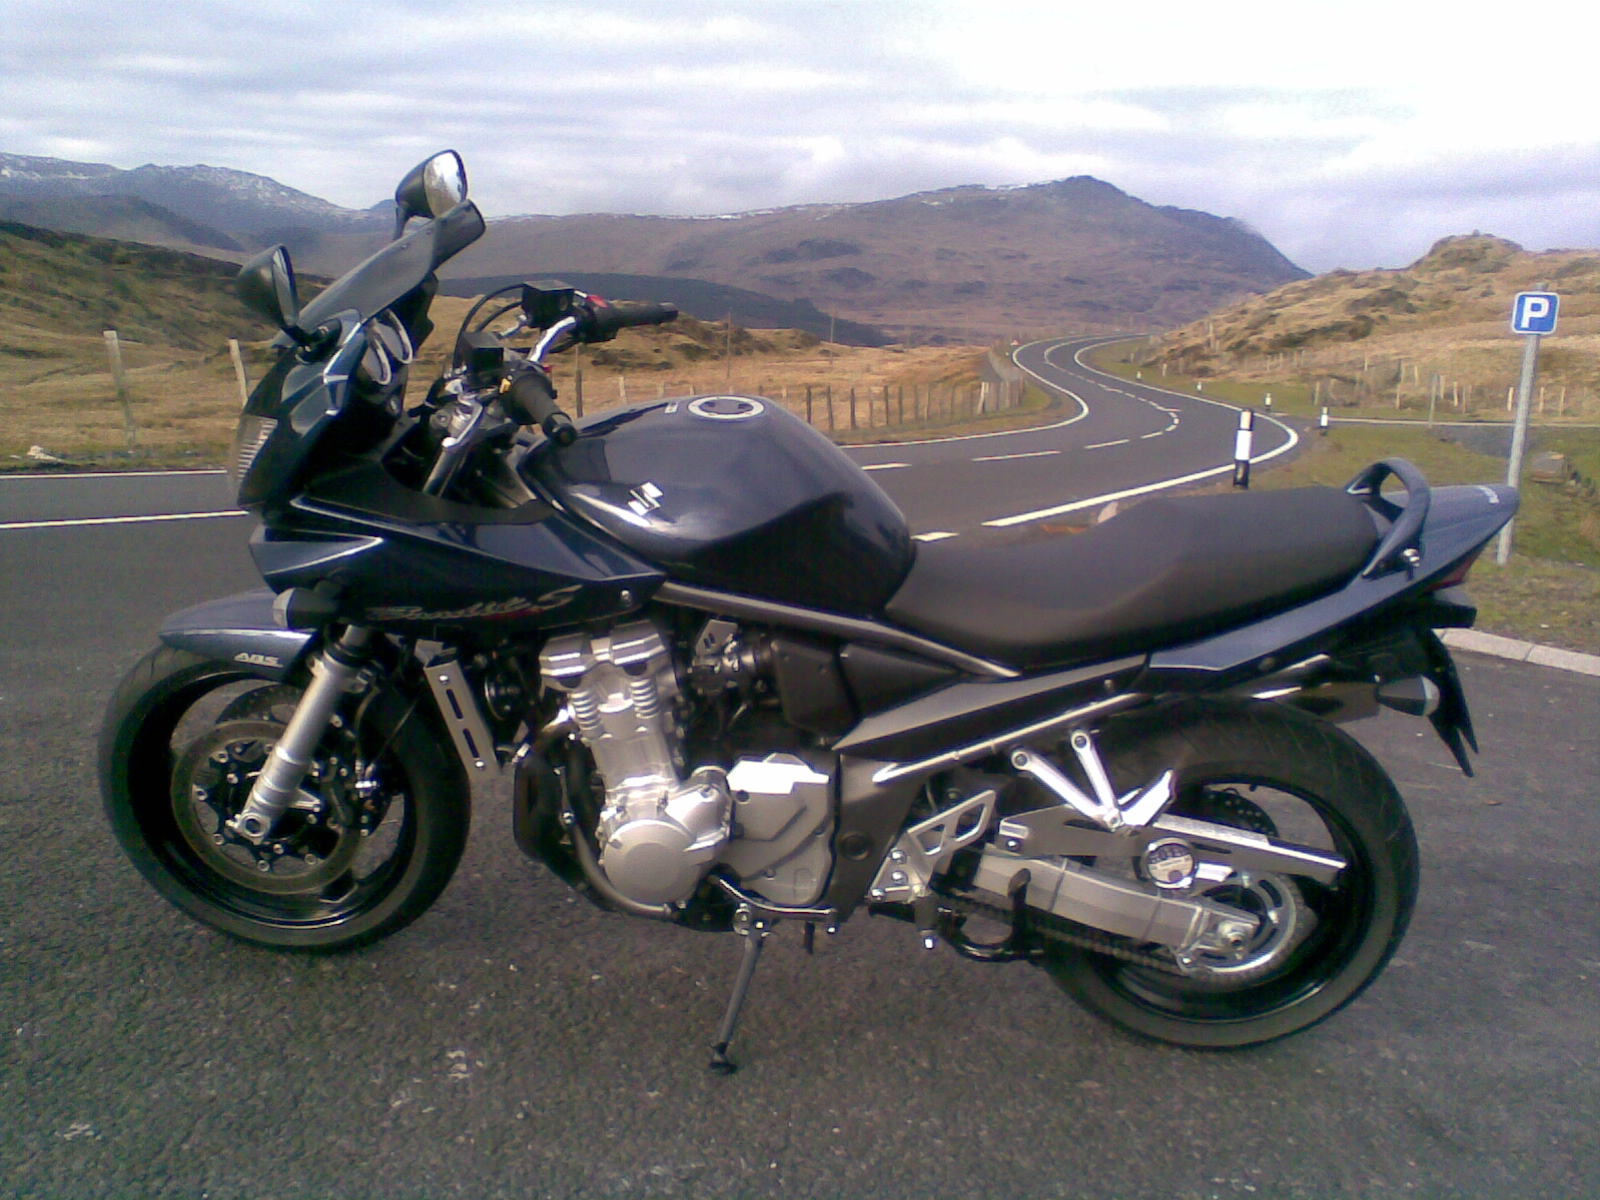 Suzuki Bandit 1200 Motorcycles Wallpapers